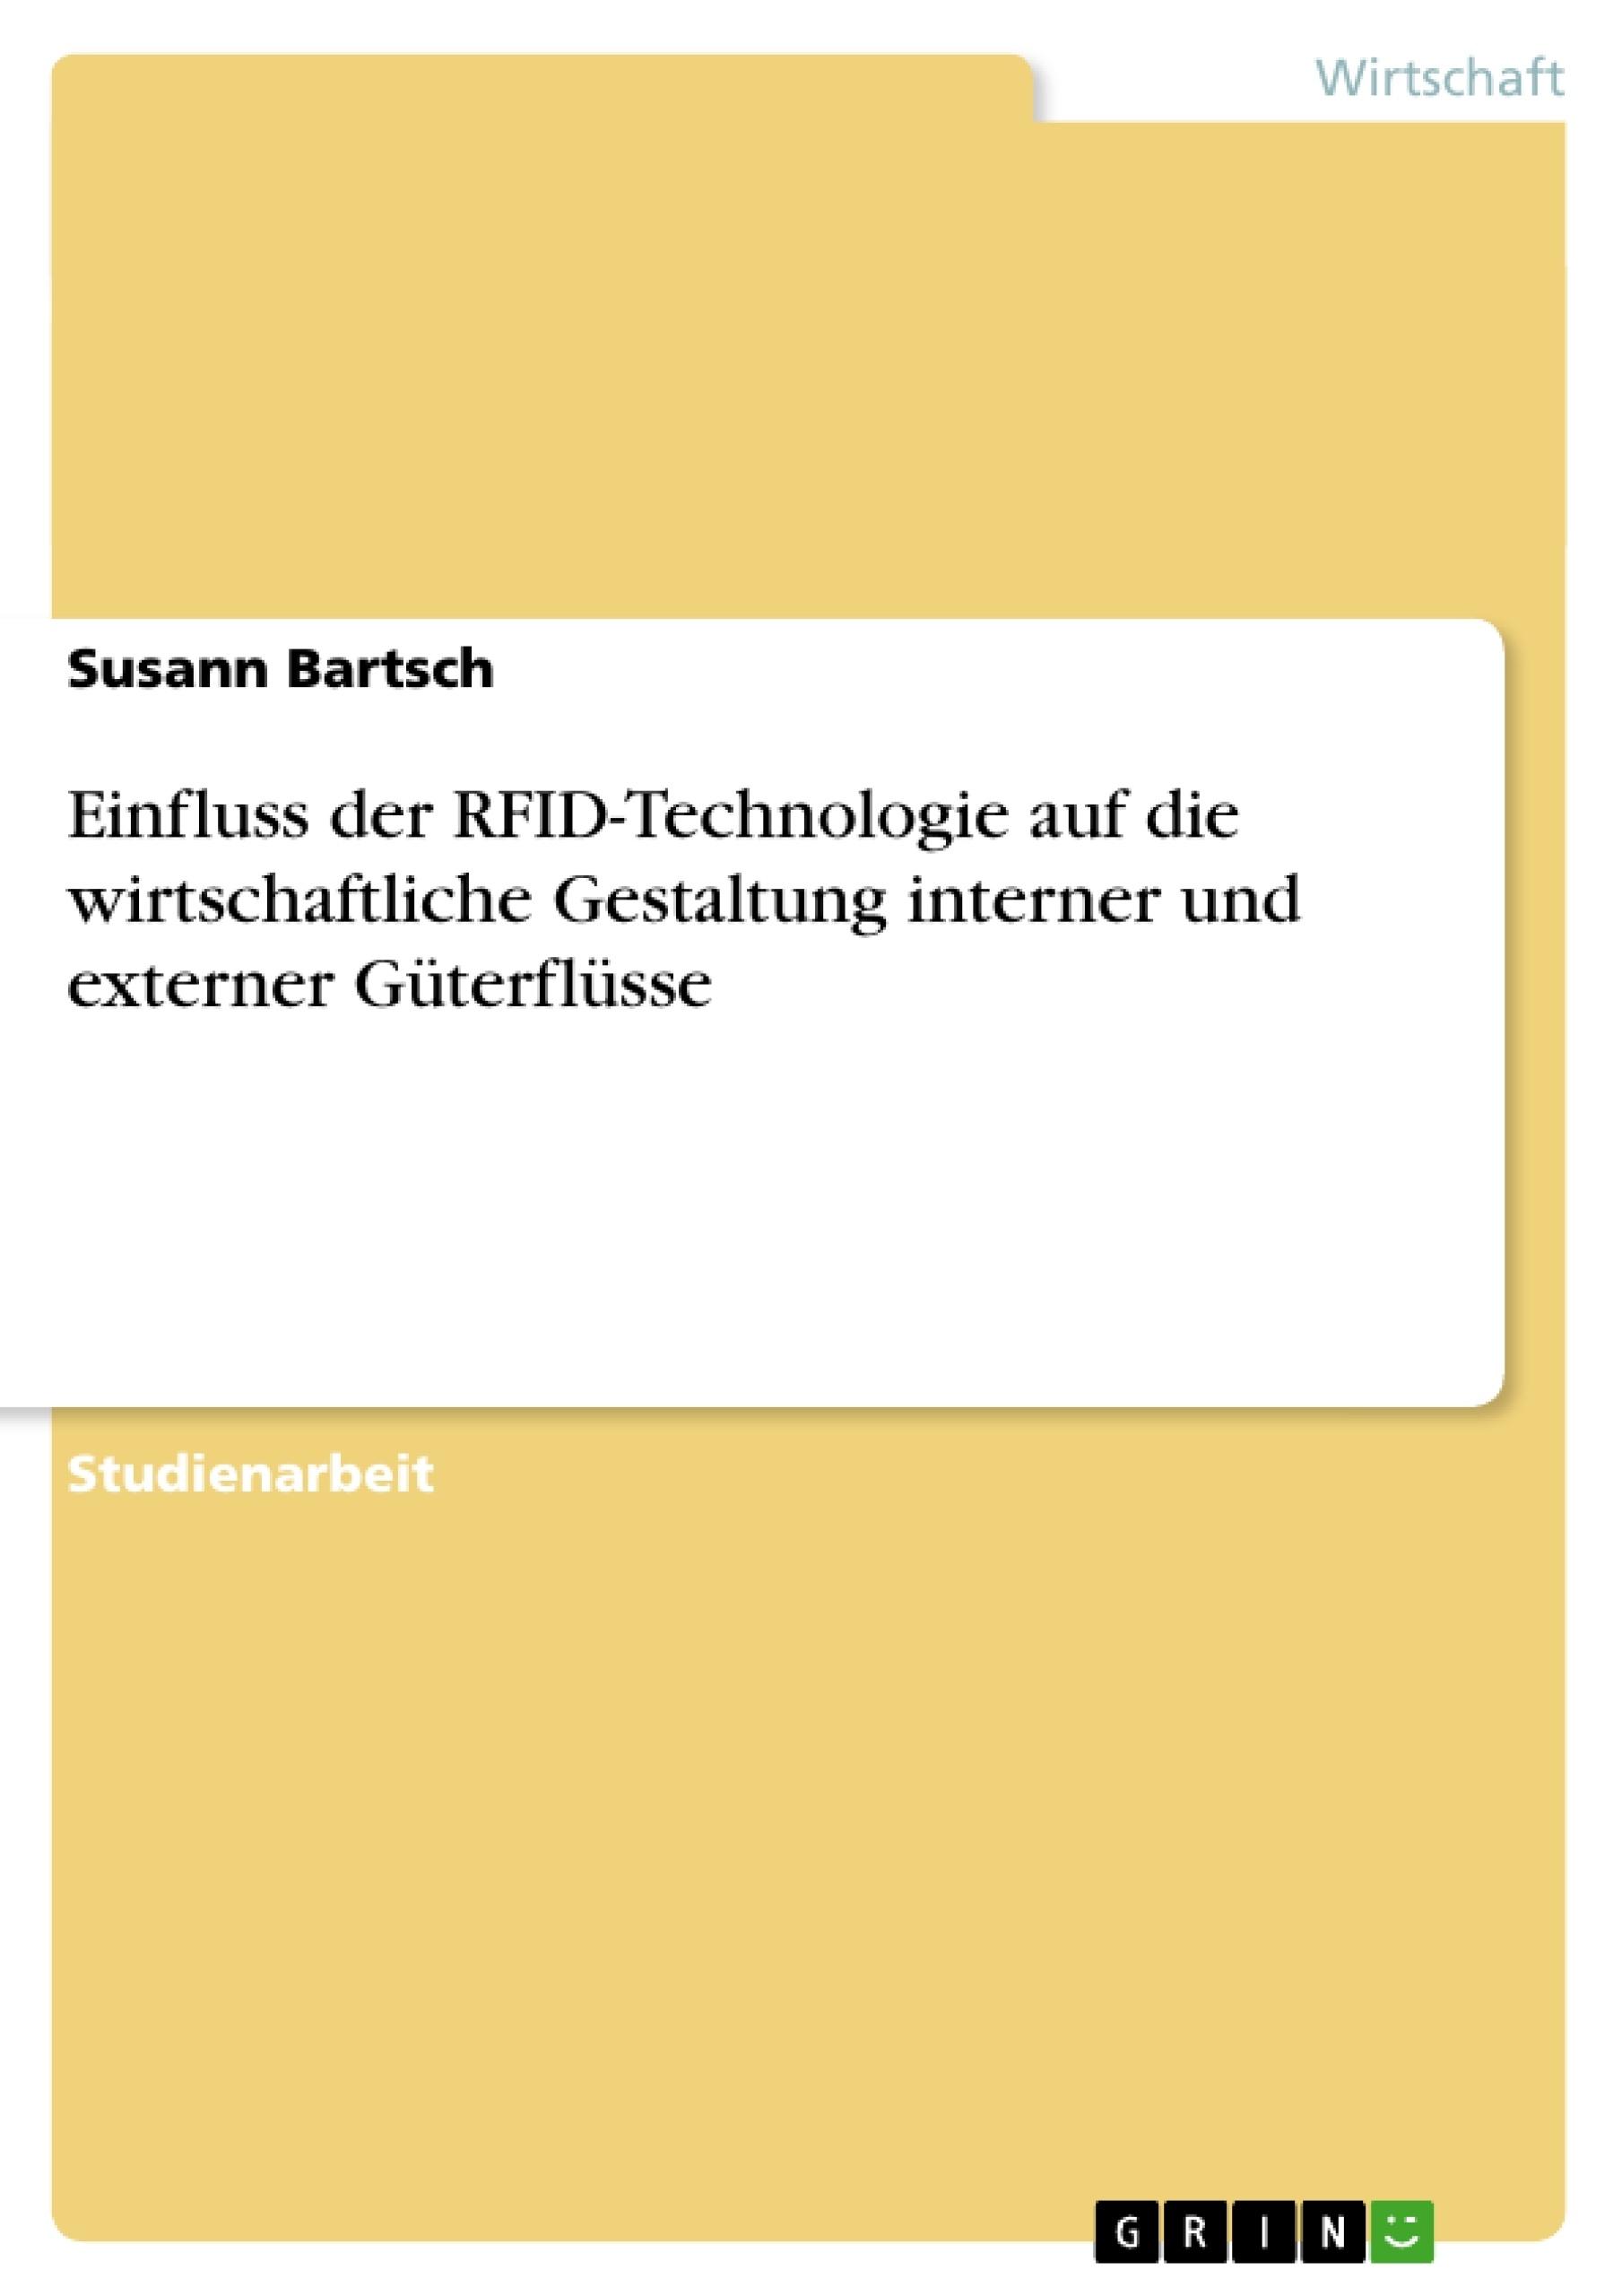 Titel: Einfluss der RFID-Technologie auf die wirtschaftliche Gestaltung interner und externer Güterflüsse